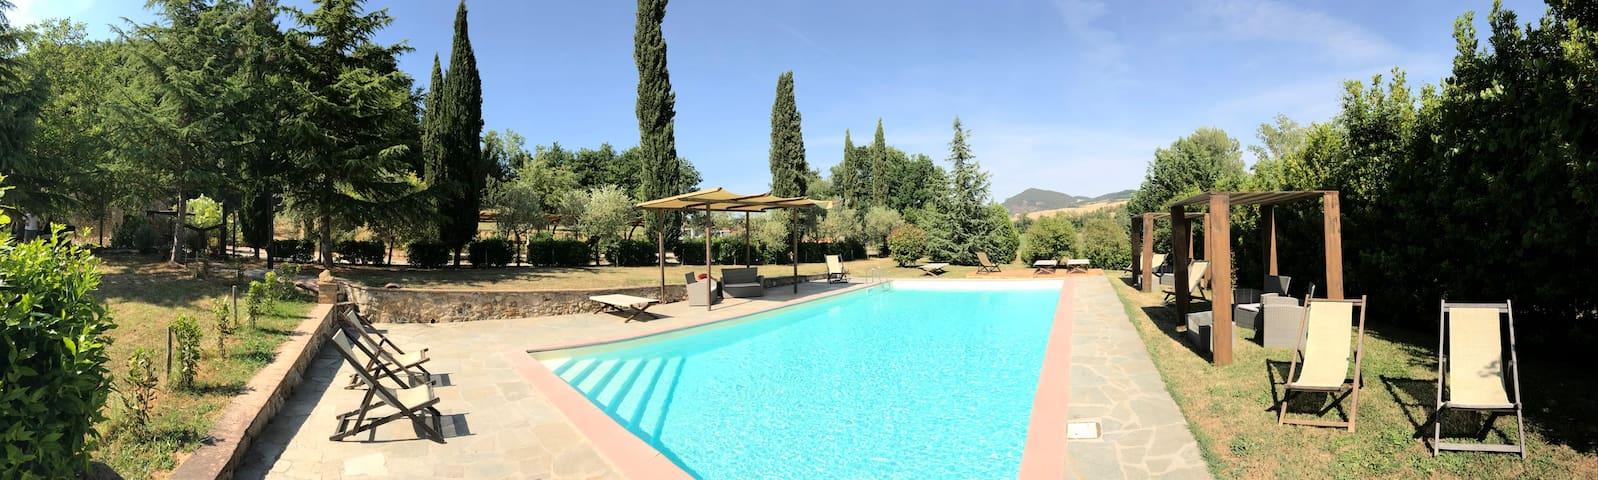 沃尔泰拉(Volterra)的民宿